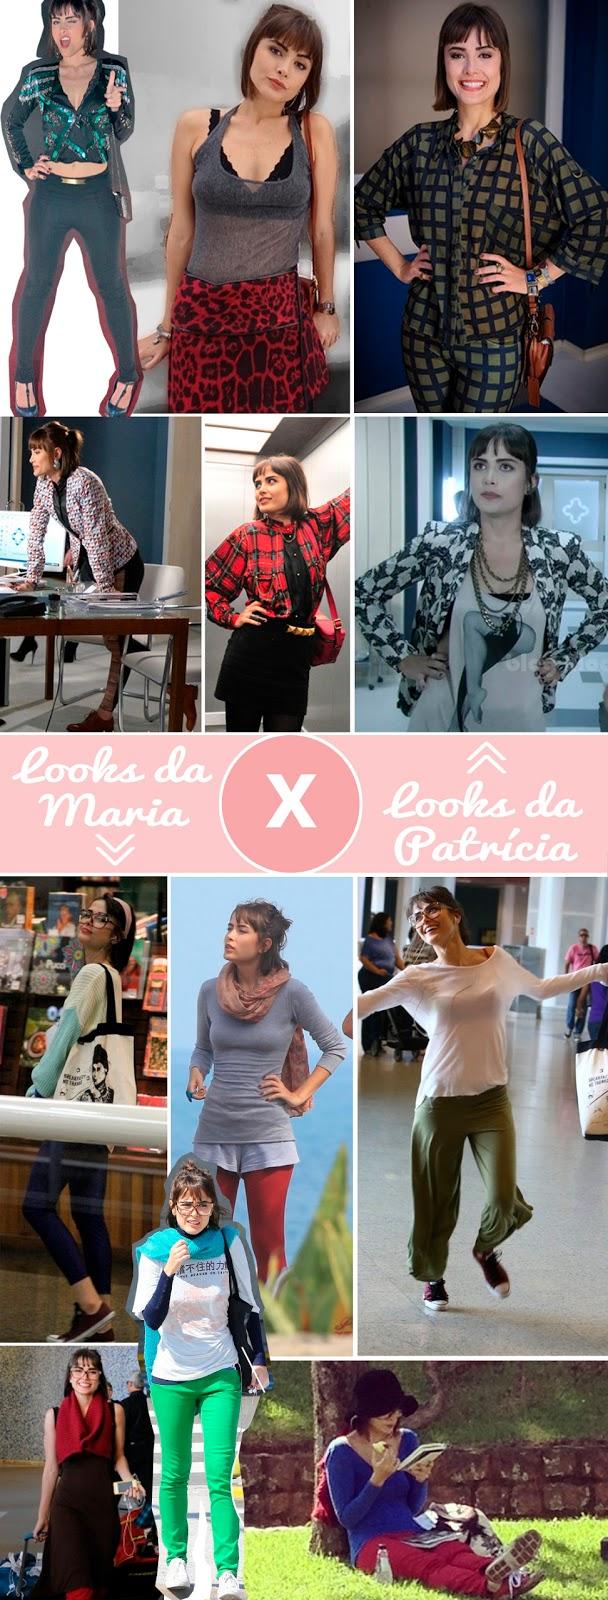 produções, looks, casual, fashion, moda, atriz,